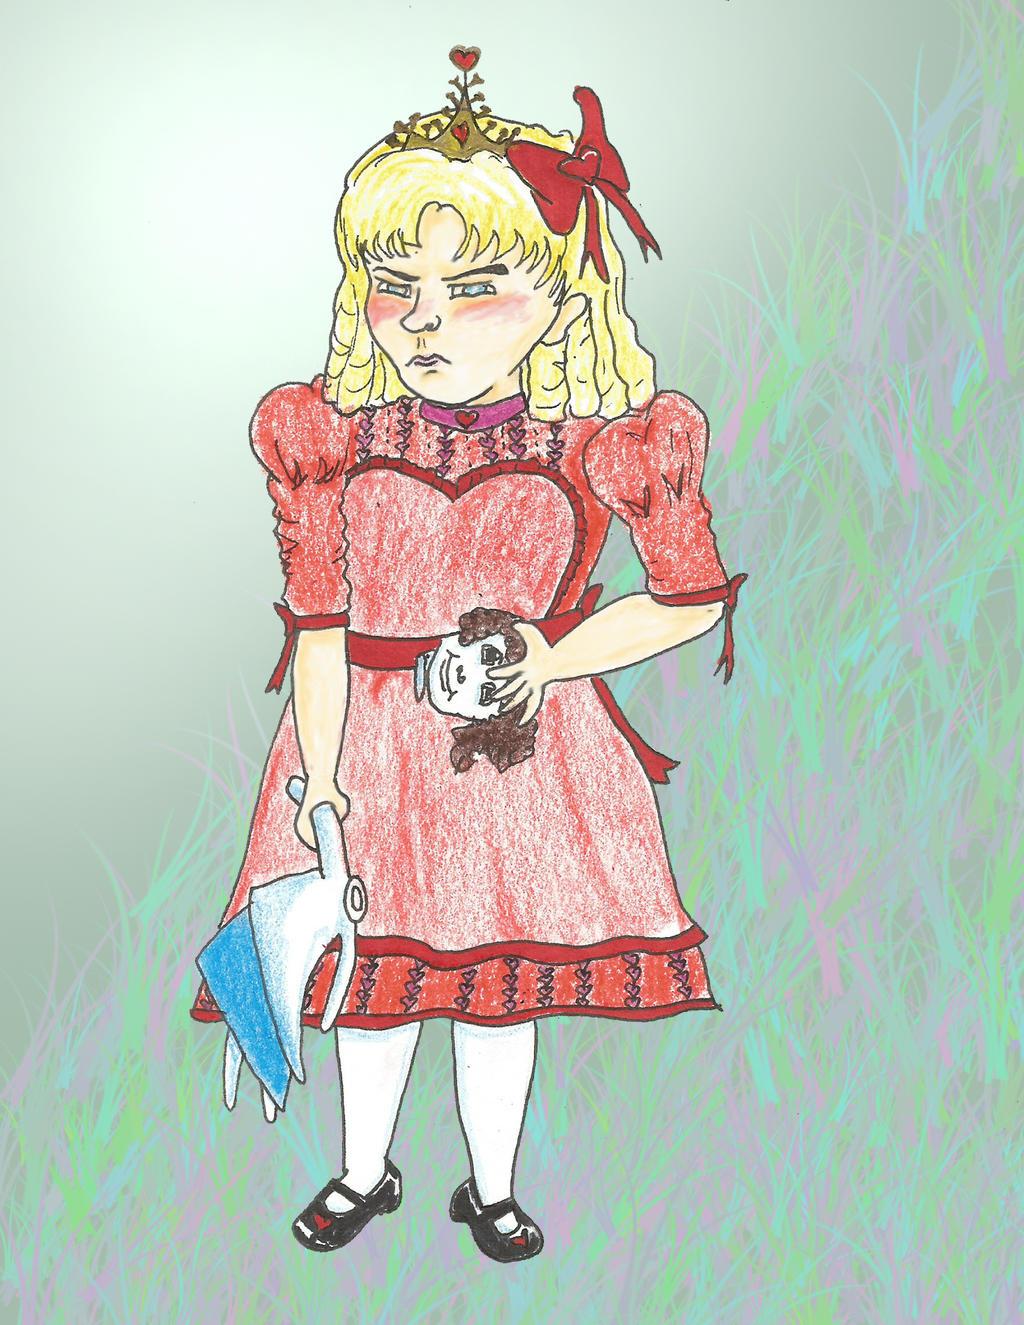 Queen Of Hearts by BoogieBoyLock